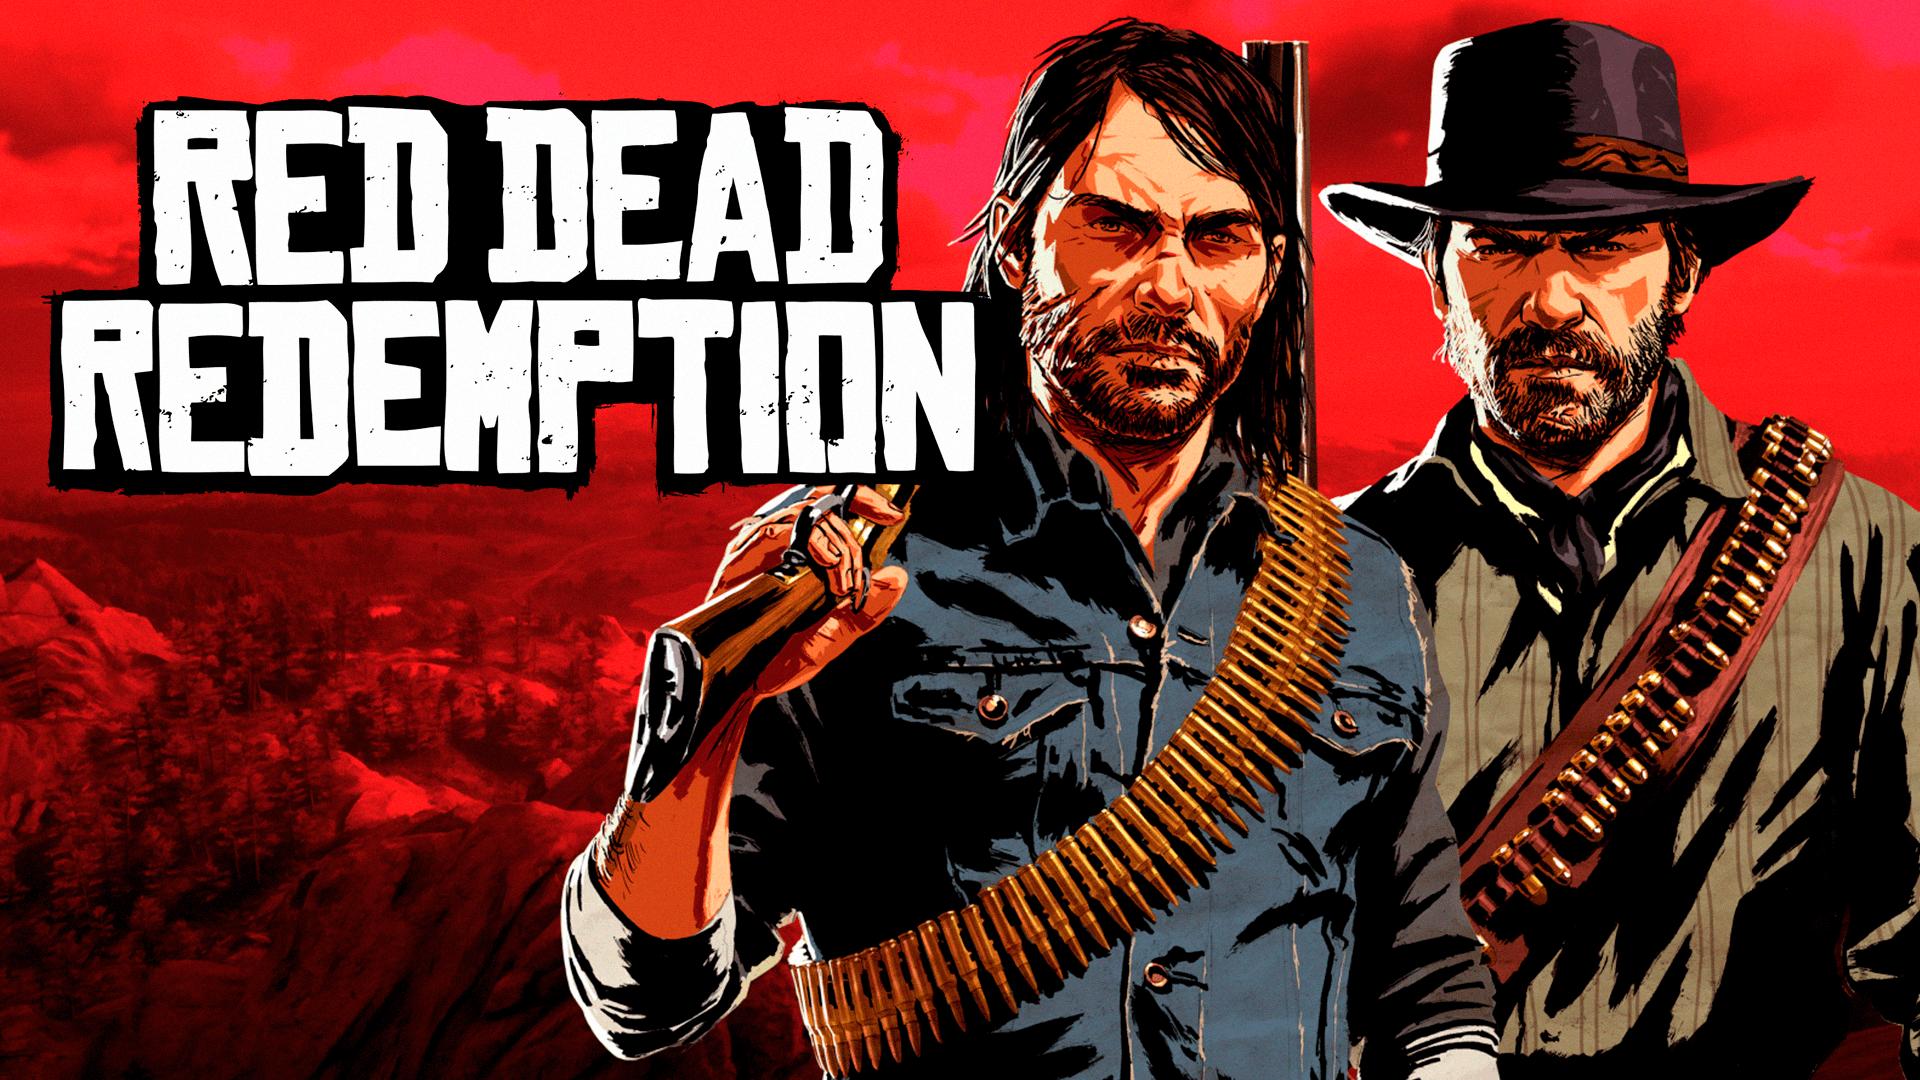 A descrição das páginas vazadas indicam que esta coleção vai conter a versão aprimorada de RDR 2, bem como um remake do Red Dead Redemption.